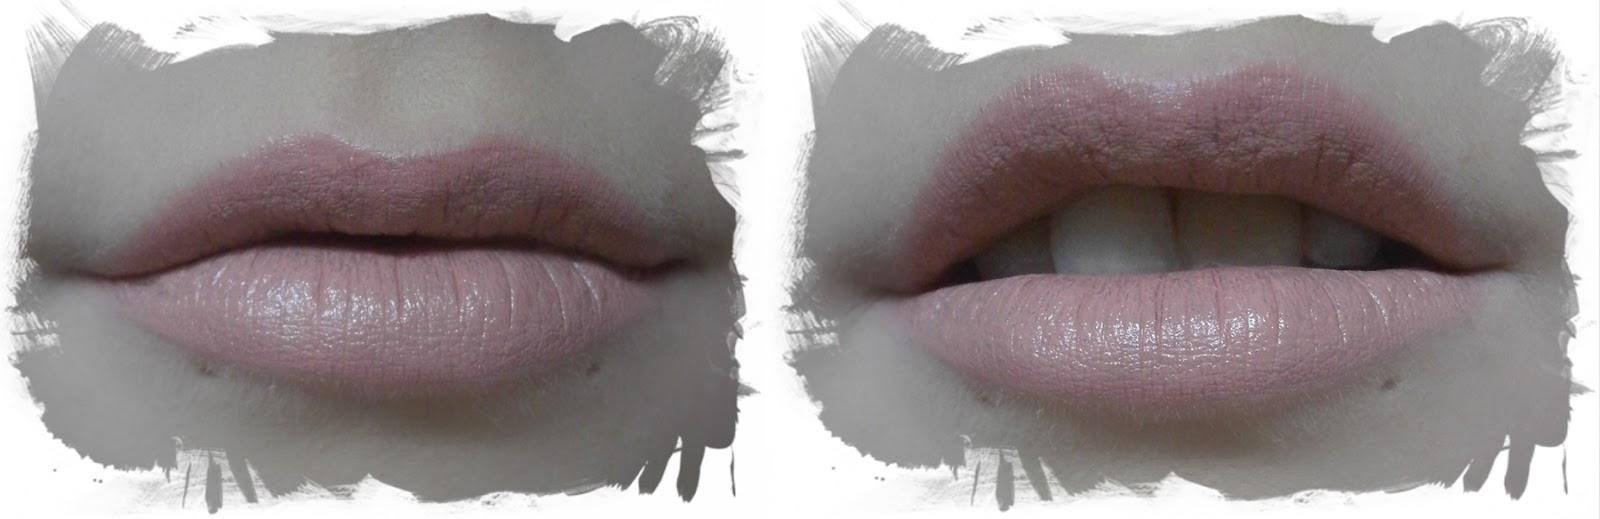 minimuffs beautyblog 39 helena rubinstein 39 lippenstifte aus hongkong. Black Bedroom Furniture Sets. Home Design Ideas